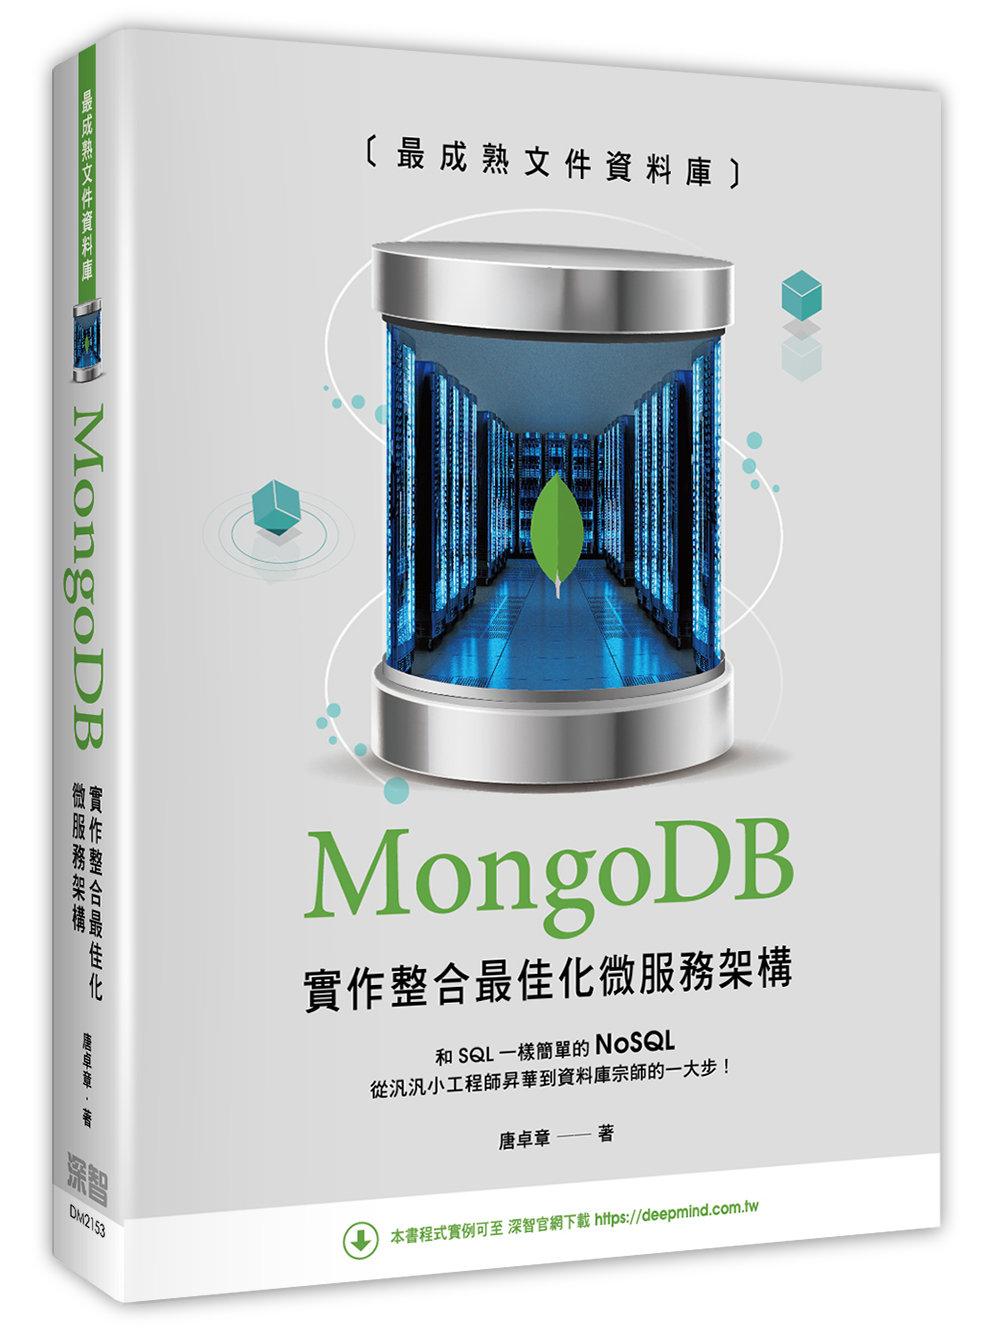 最成熟文件資料庫:MongoDB 實作整合最佳化微服務架構-preview-1